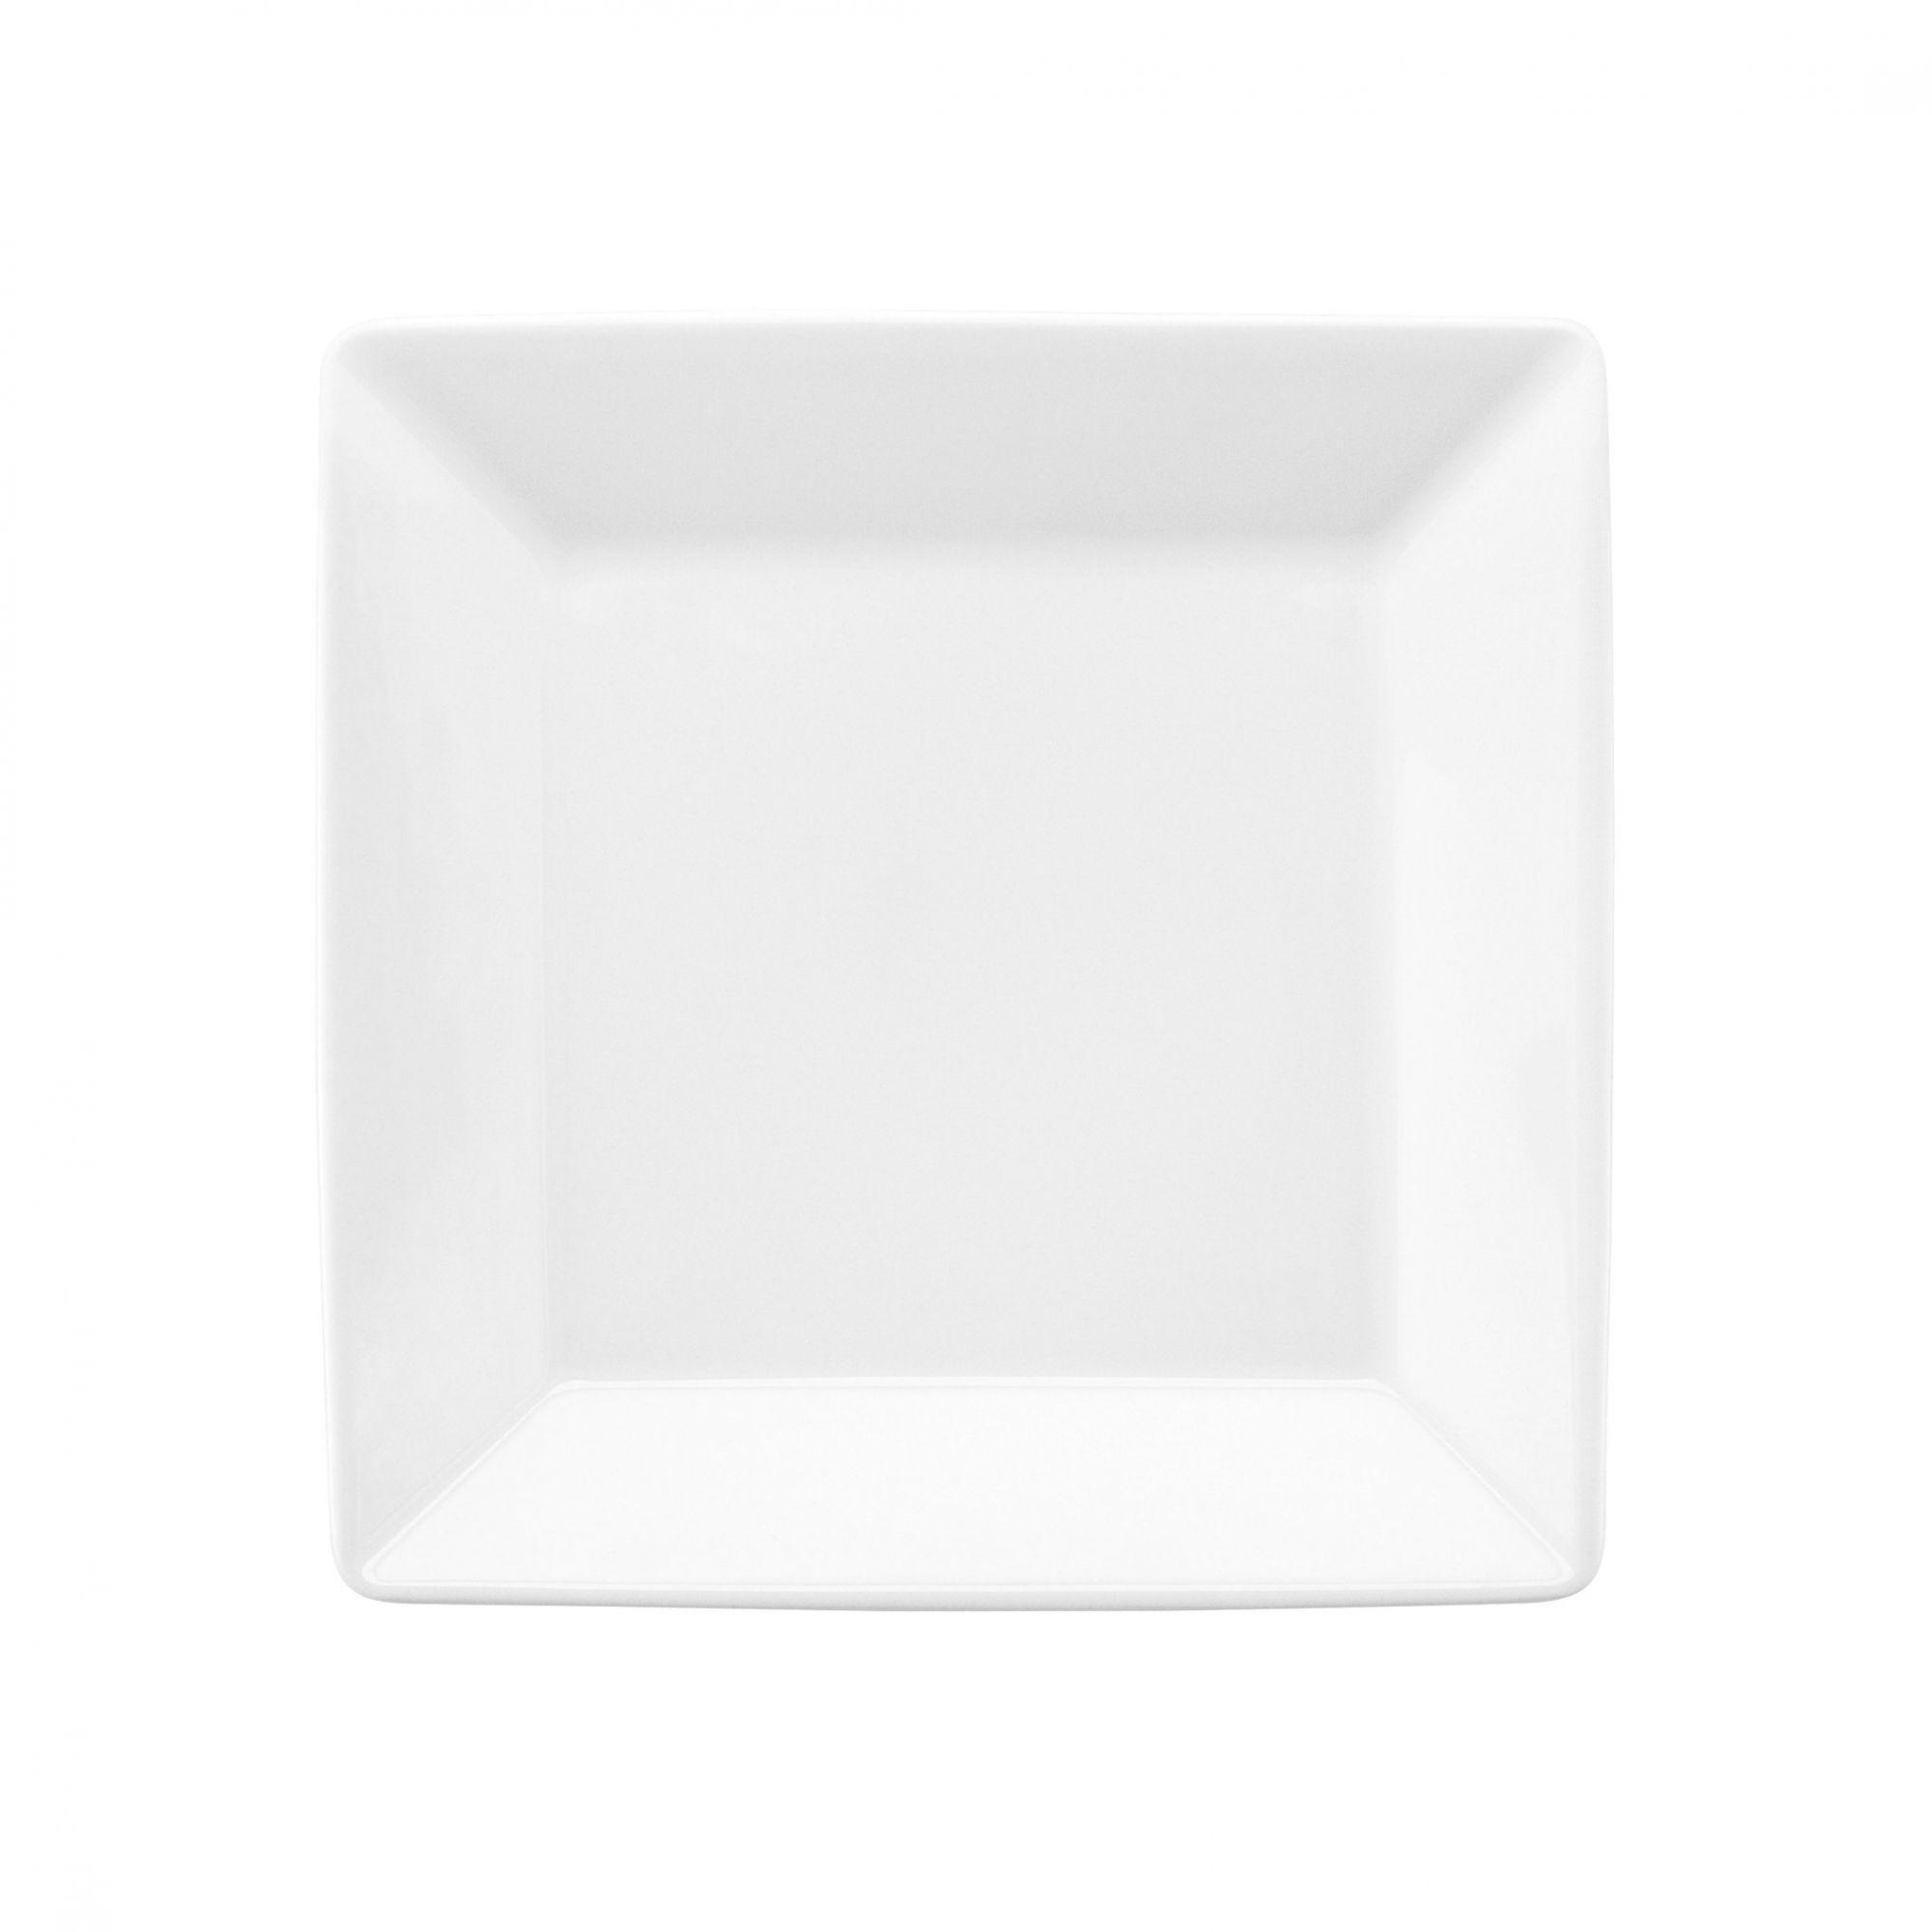 Prato Sobremesa 20 cm Quartier White